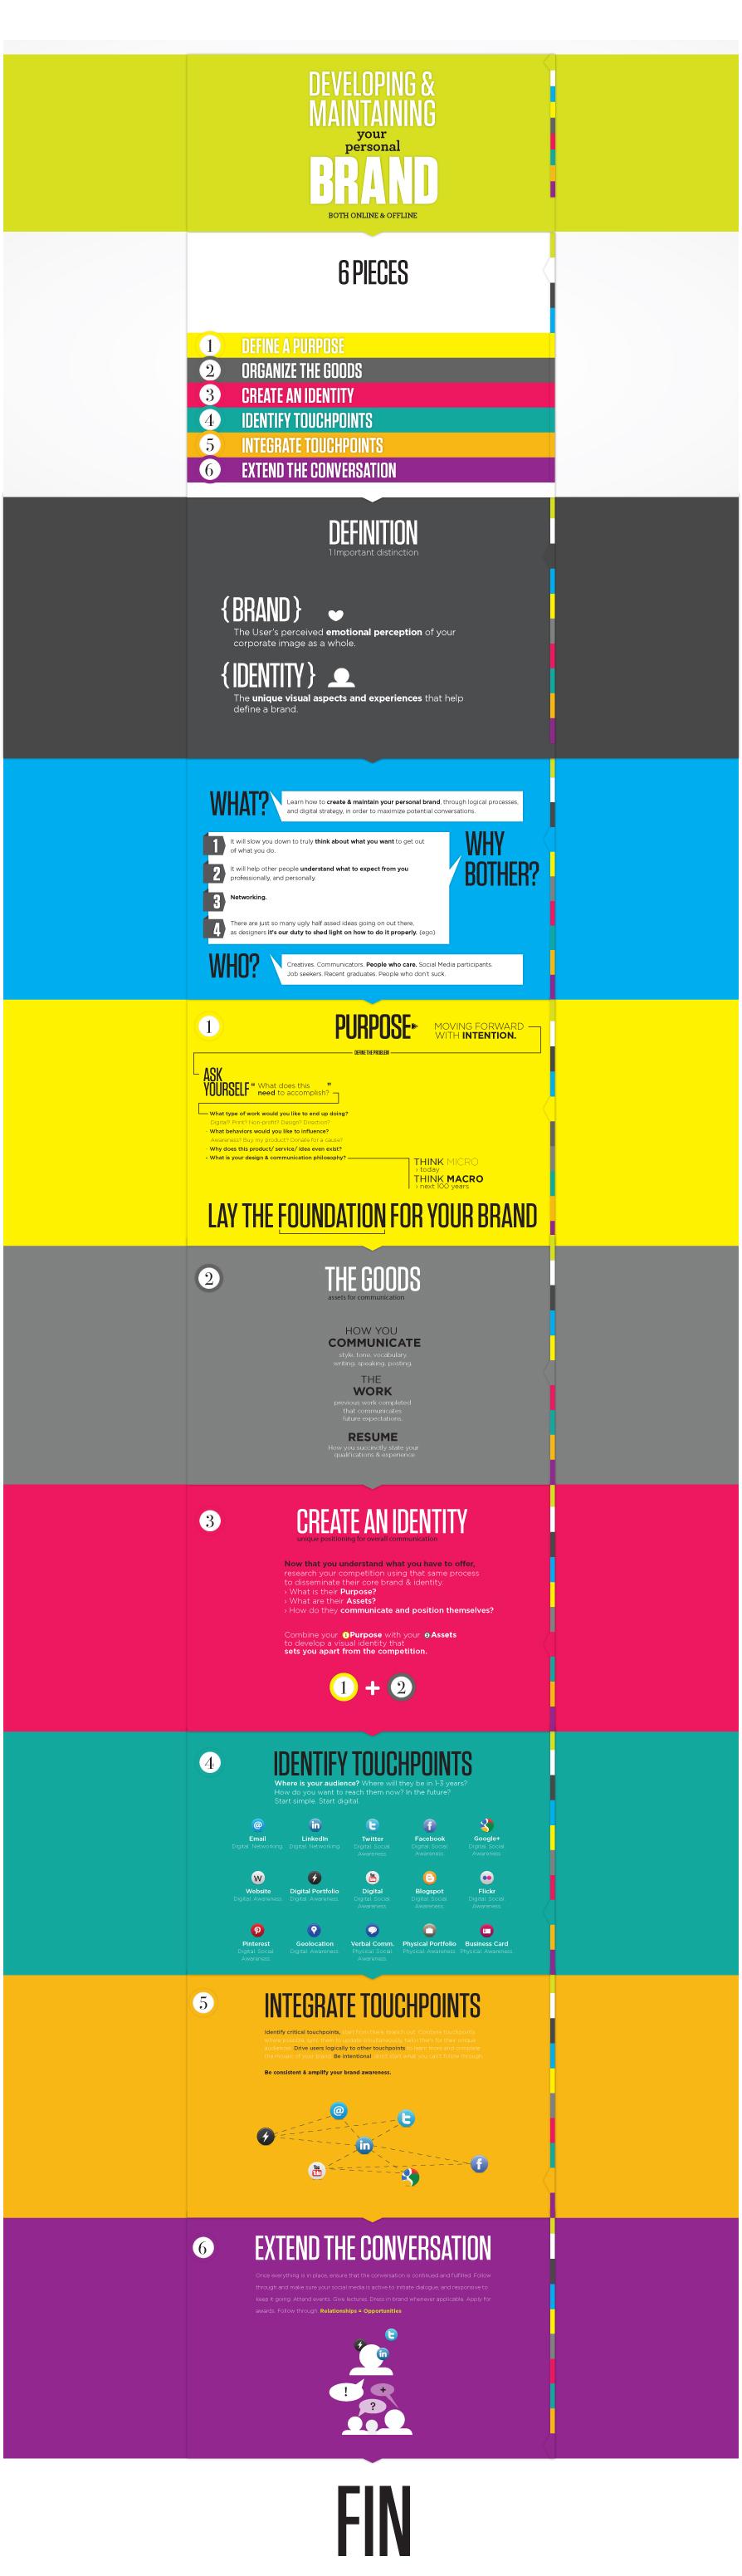 User Experience Design Portfolio Pdf 22 Jpg 894 3 102 Pixels Portfolio Design User Experience Design Experience Design